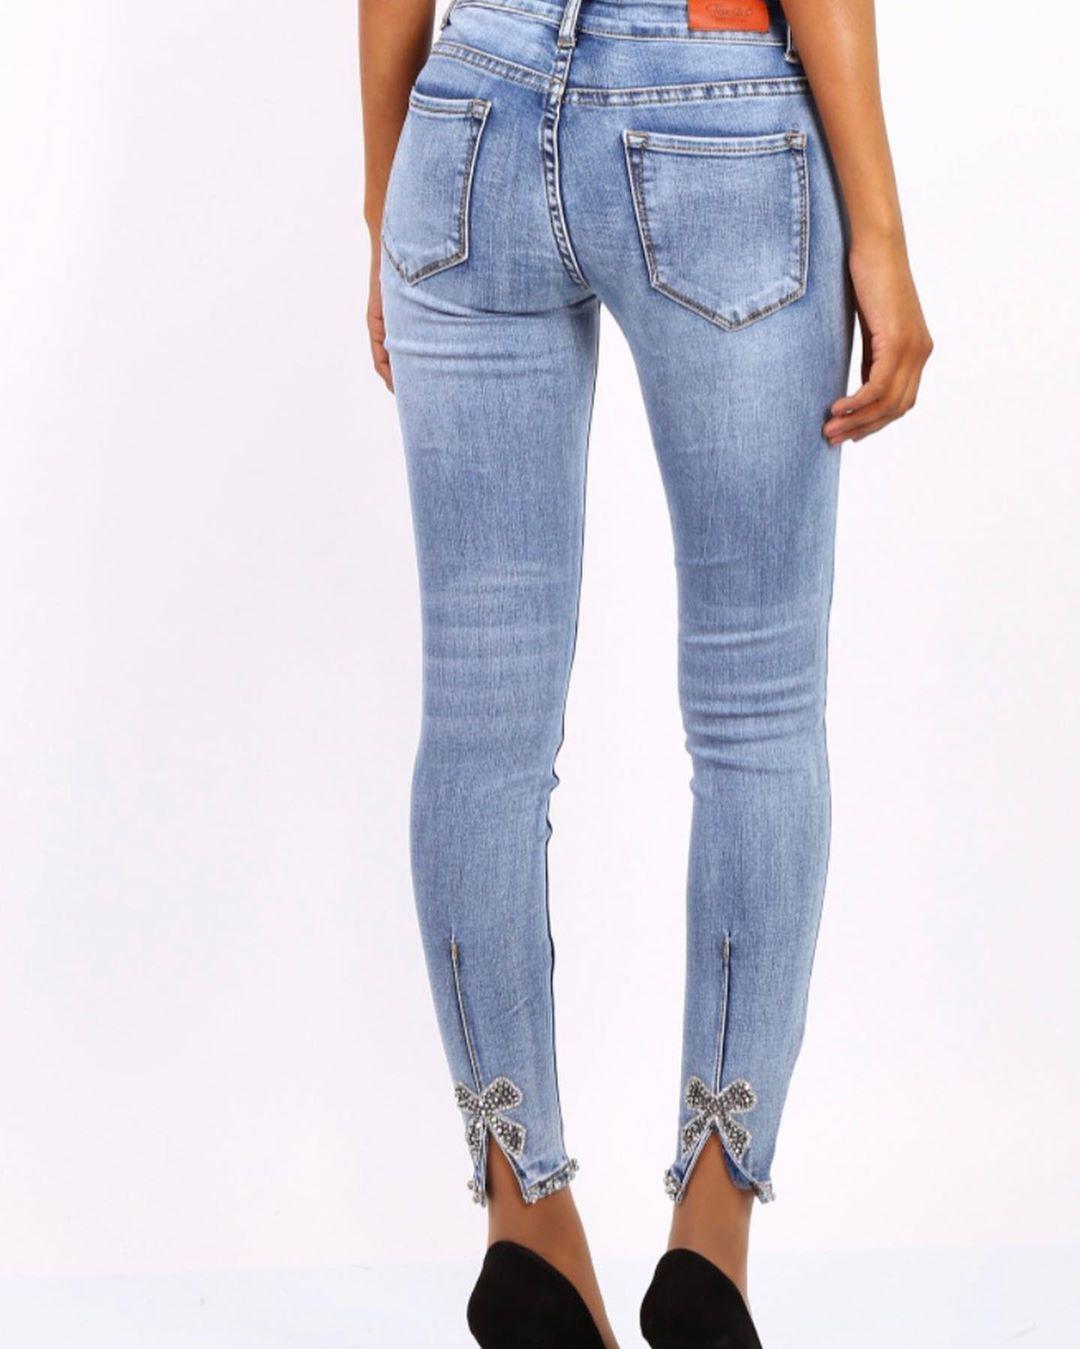 jeans toxik 3 de Les Bourgeoises sur laperlalaperla